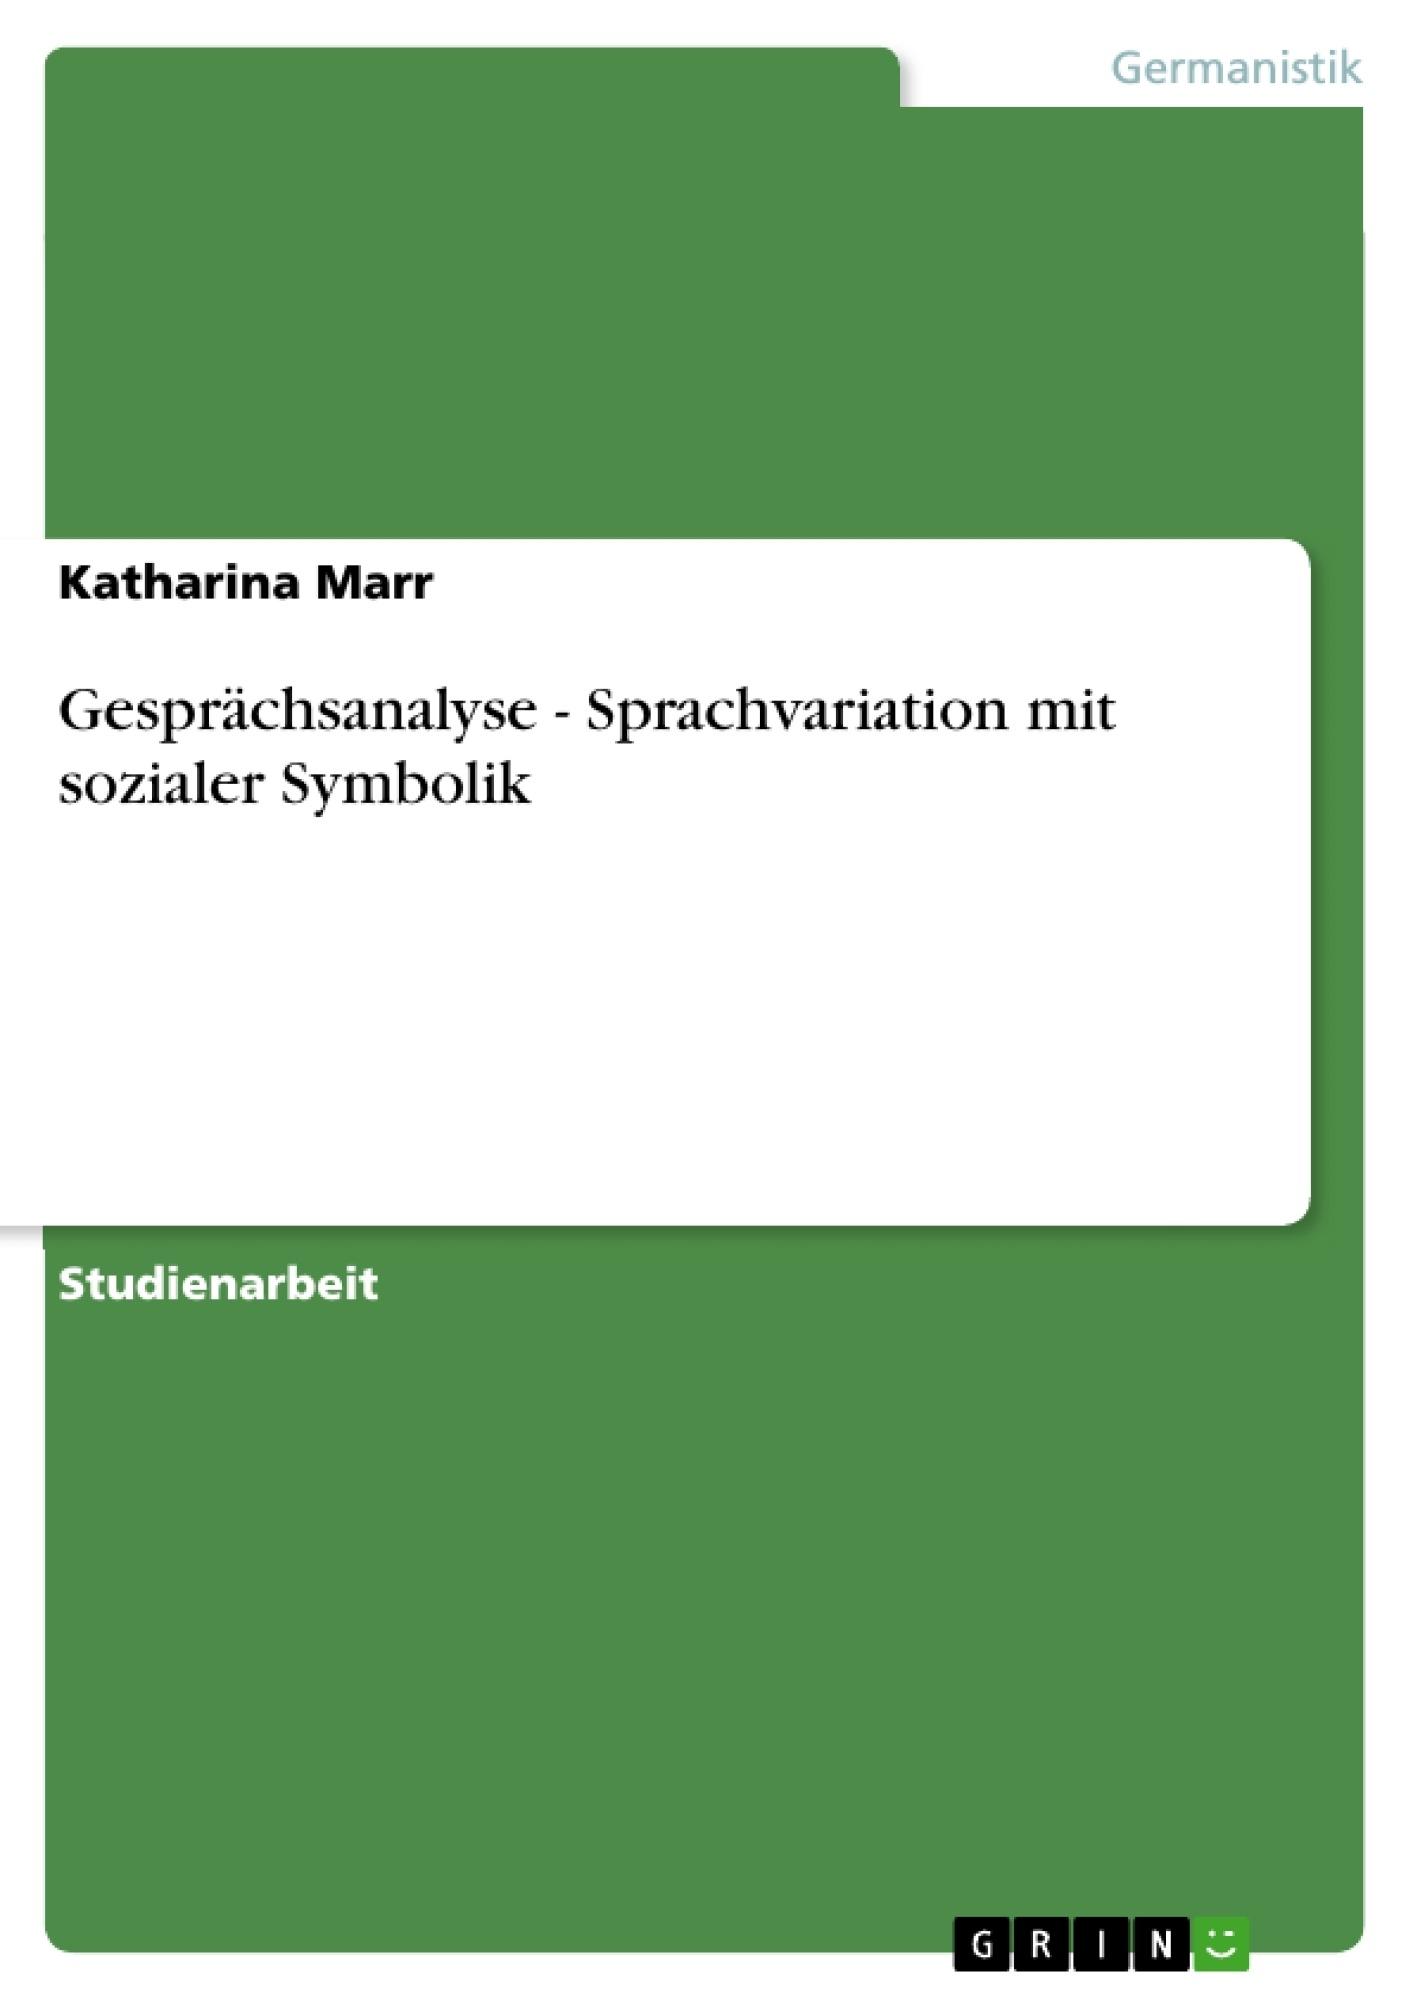 Titel: Gesprächsanalyse - Sprachvariation mit sozialer Symbolik